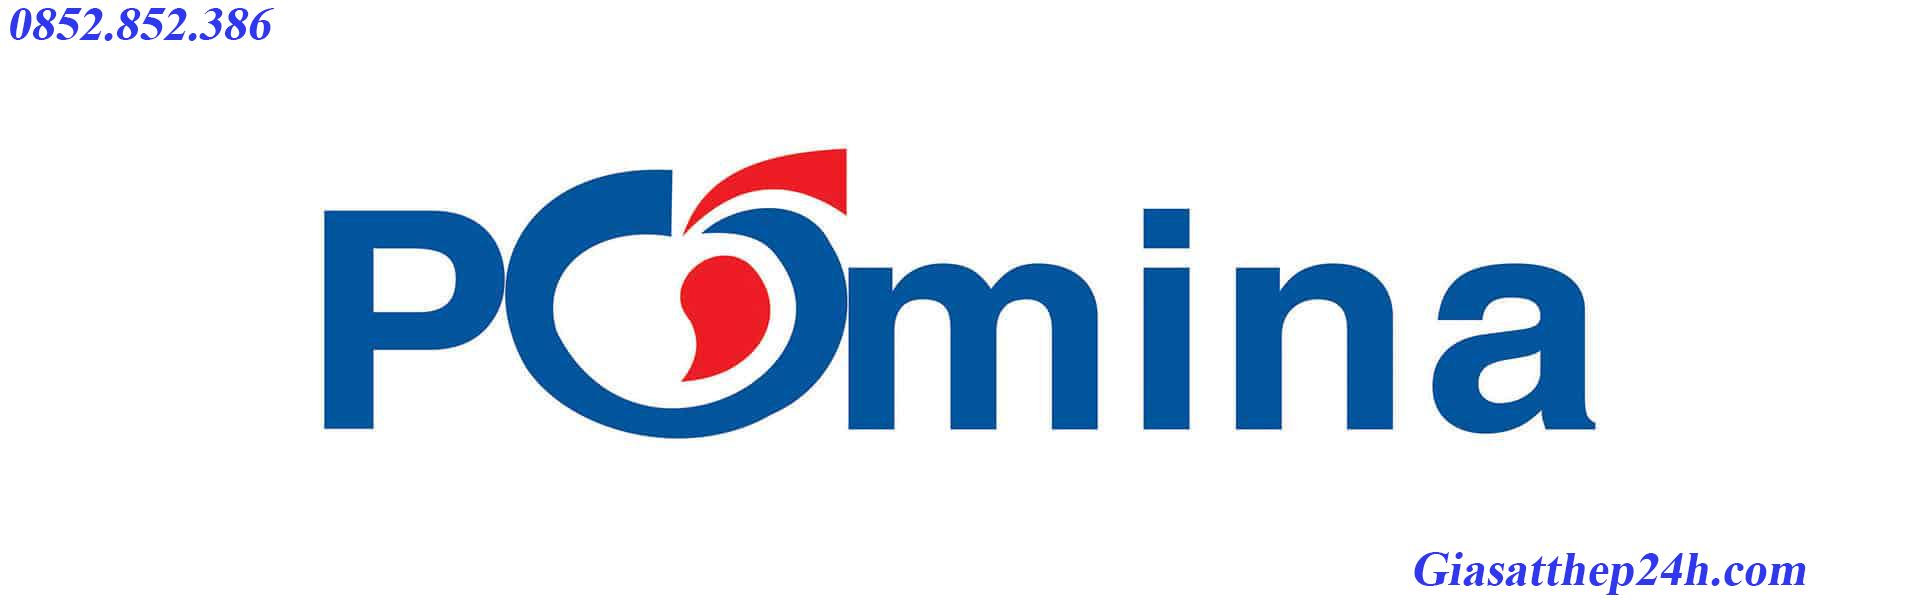 Thương hiệu thép Pomina, thương hiệu thép đẳng cấp, chất lượng, trường tồn theo thời gian.